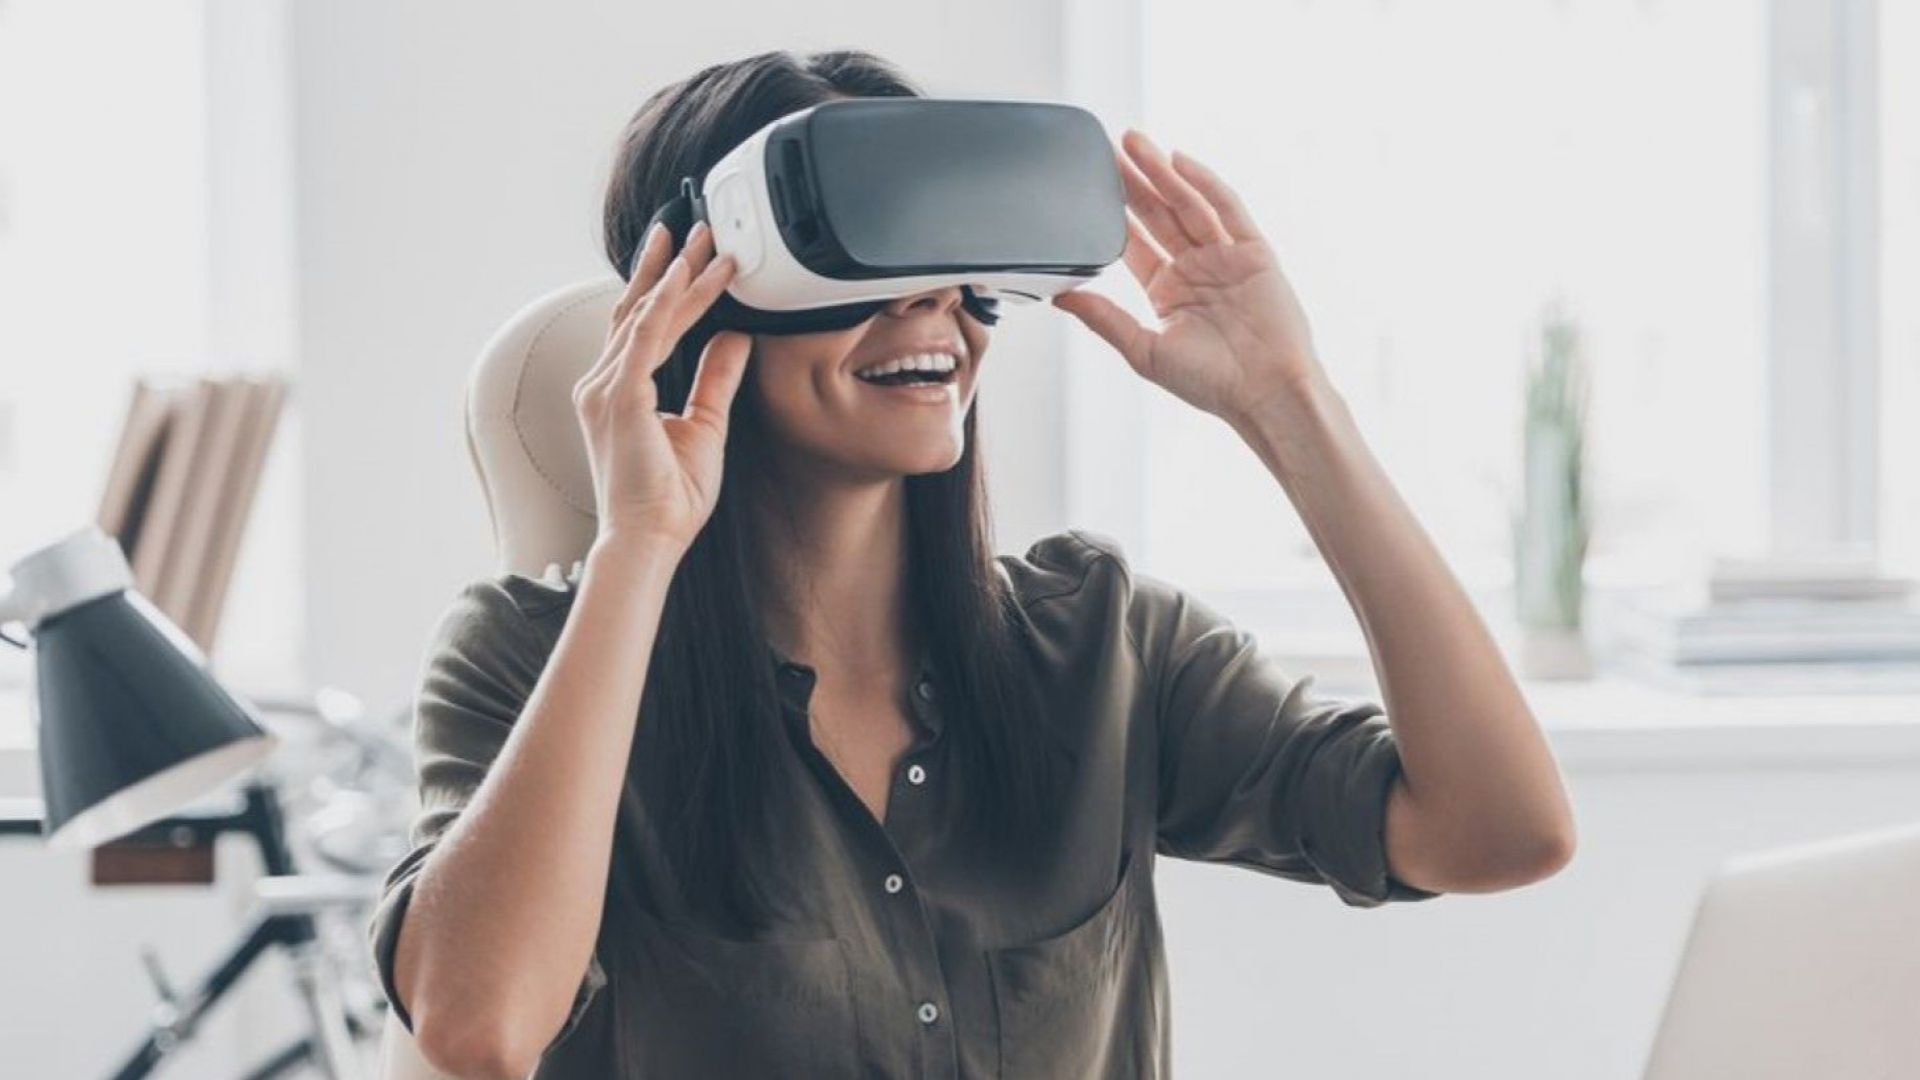 Разработват очила с виртуална реалност, които поддържат 16K резолюция